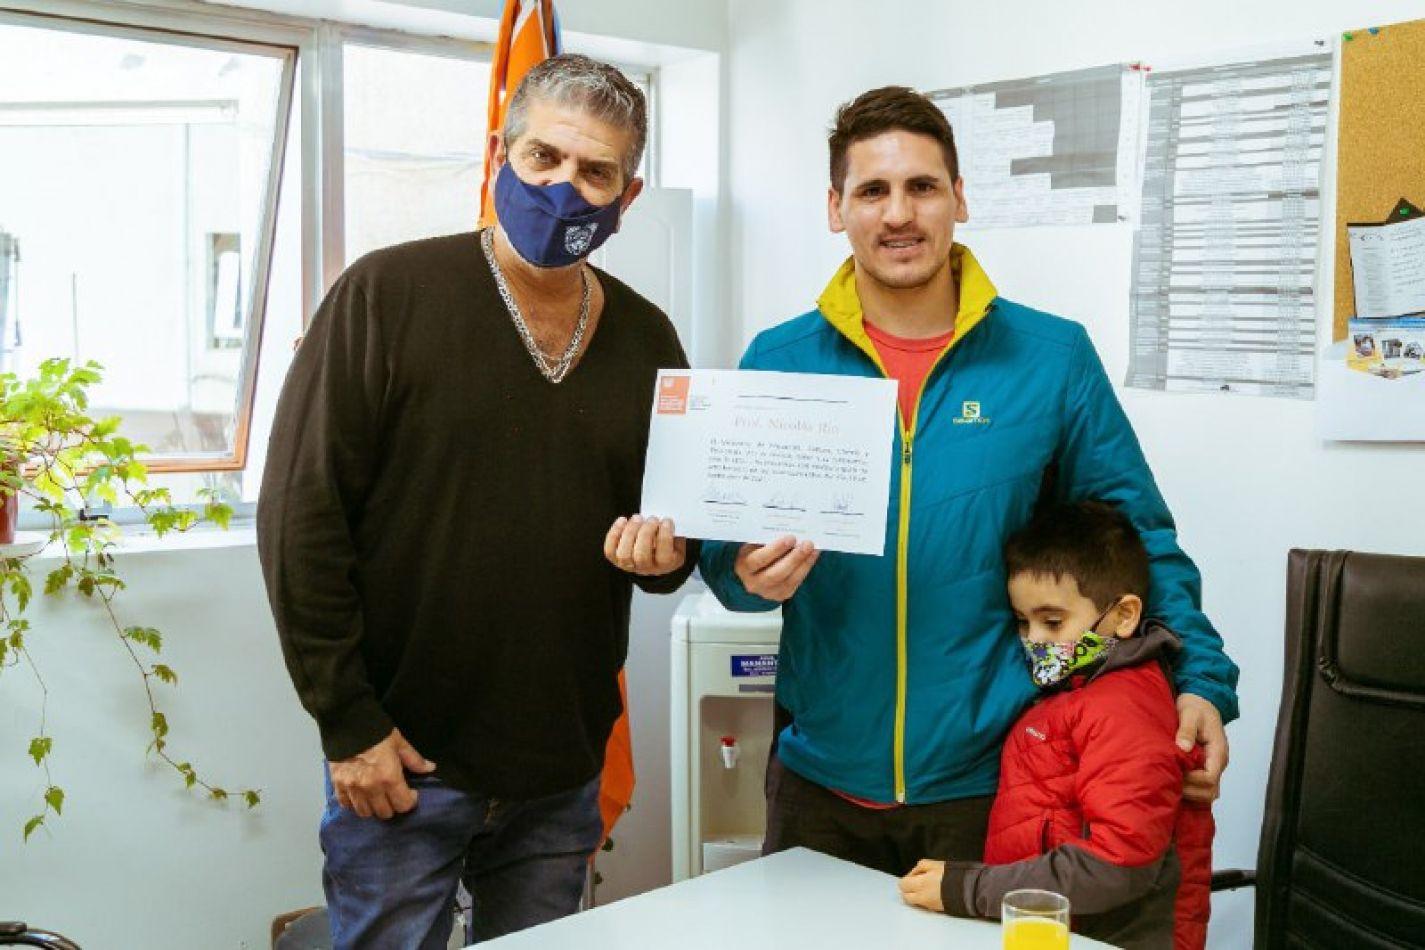 Docente de educación física Nicolas Rhin,junto a funcionarios del Ministerio de Educación.